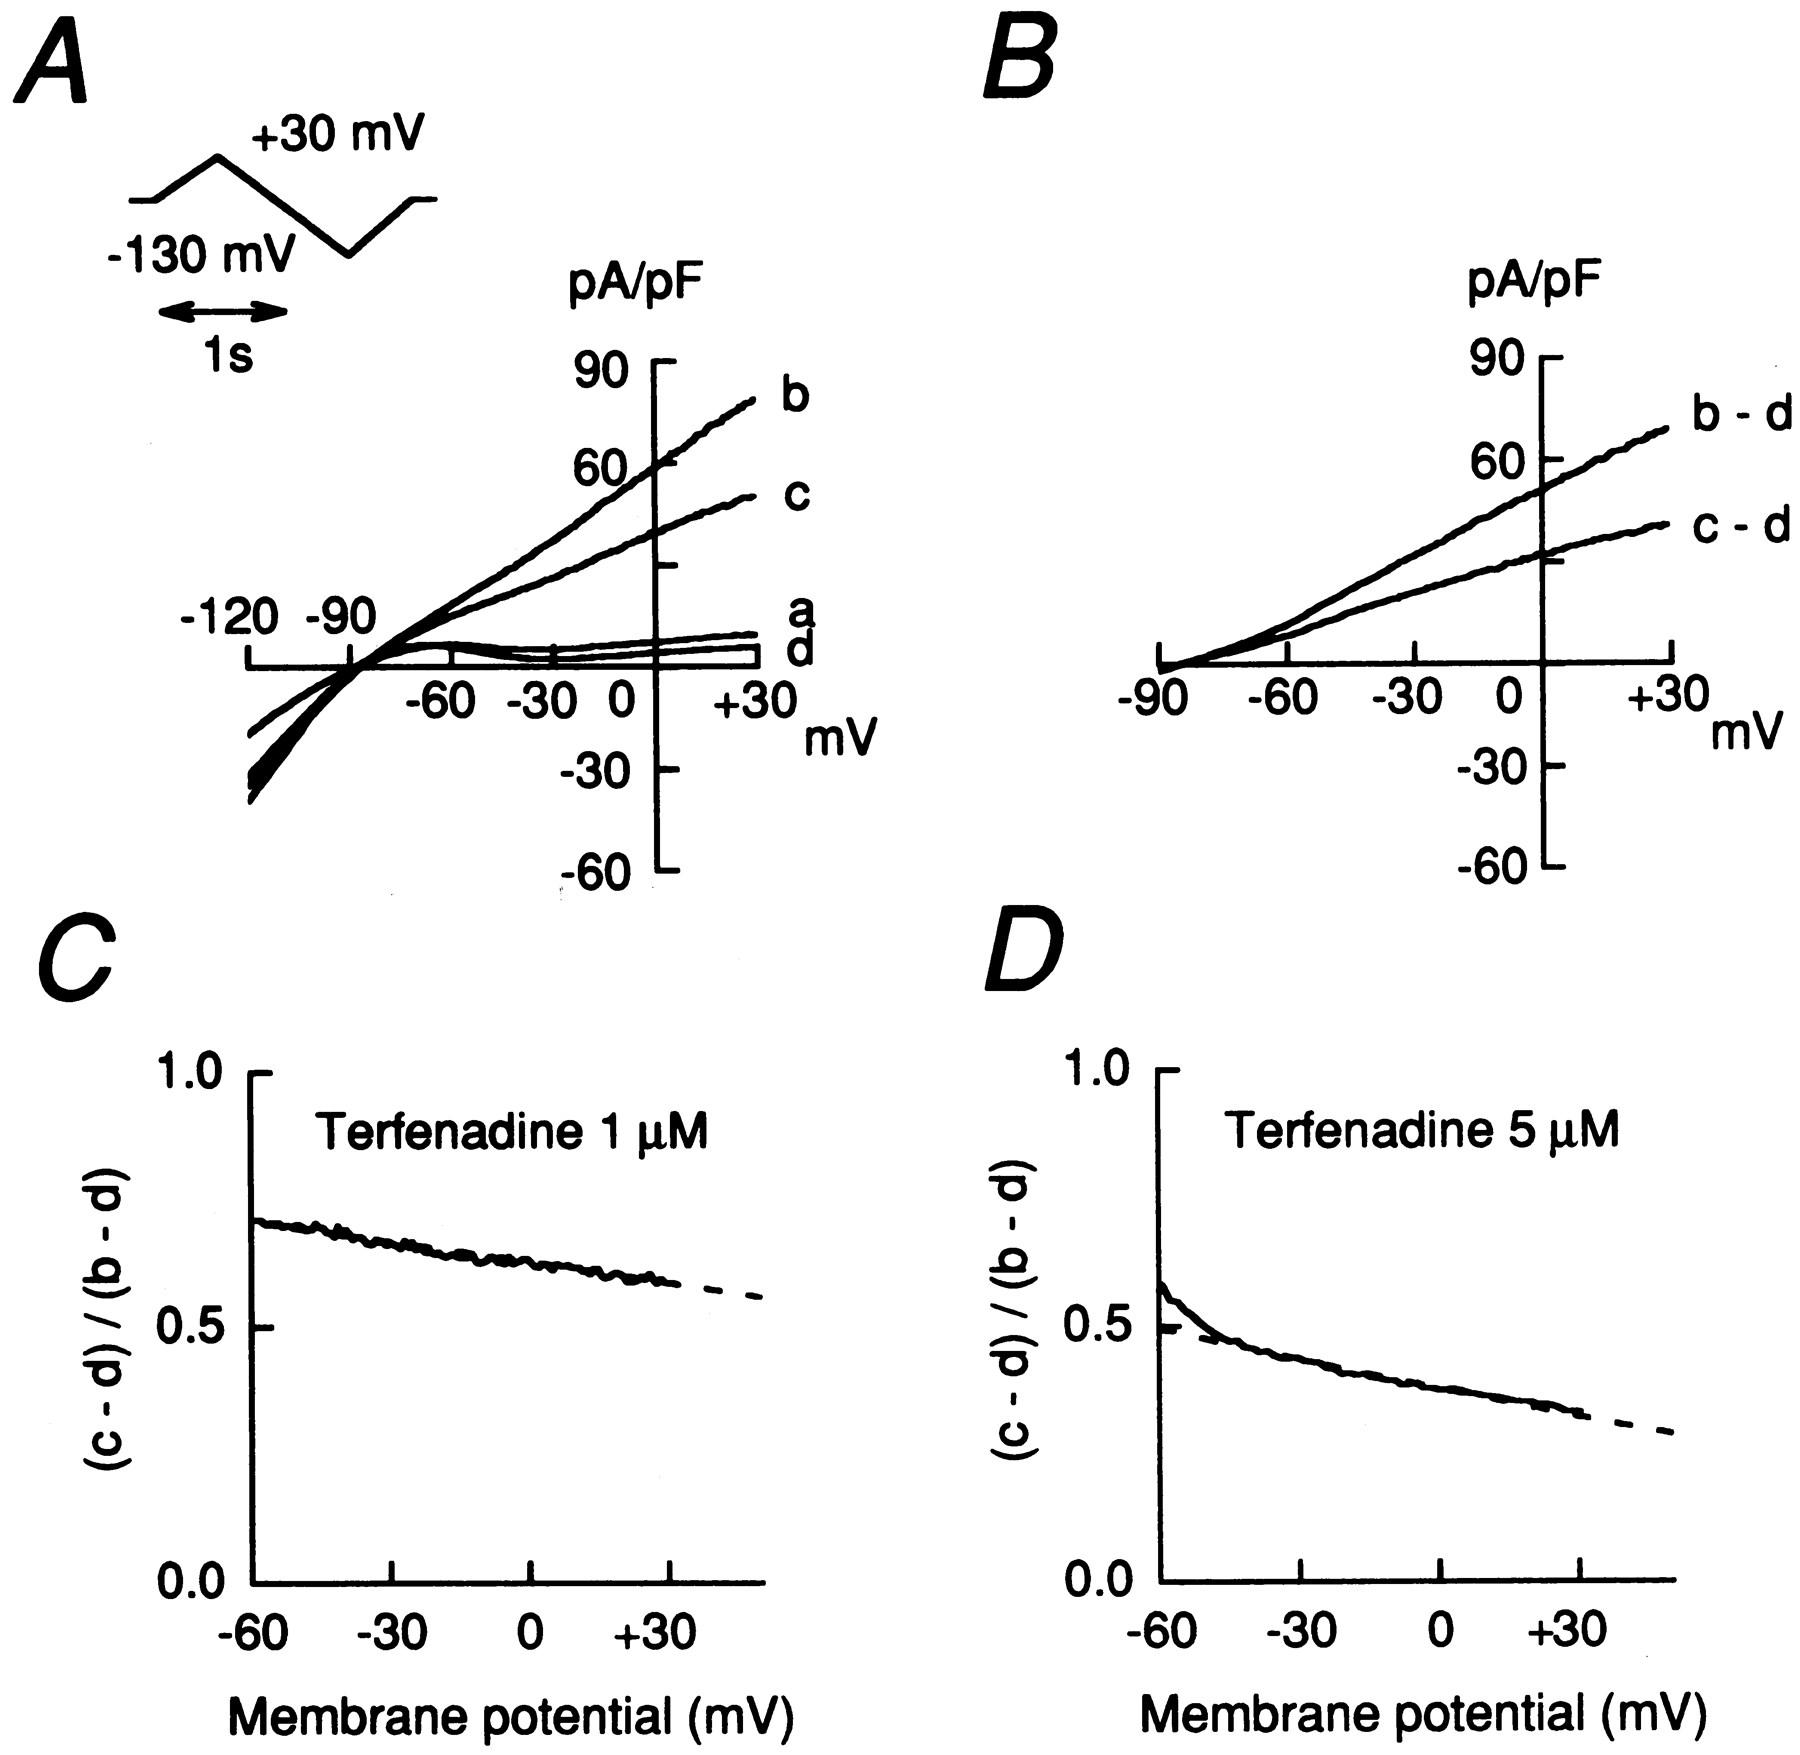 adenosine triphosphate pka values